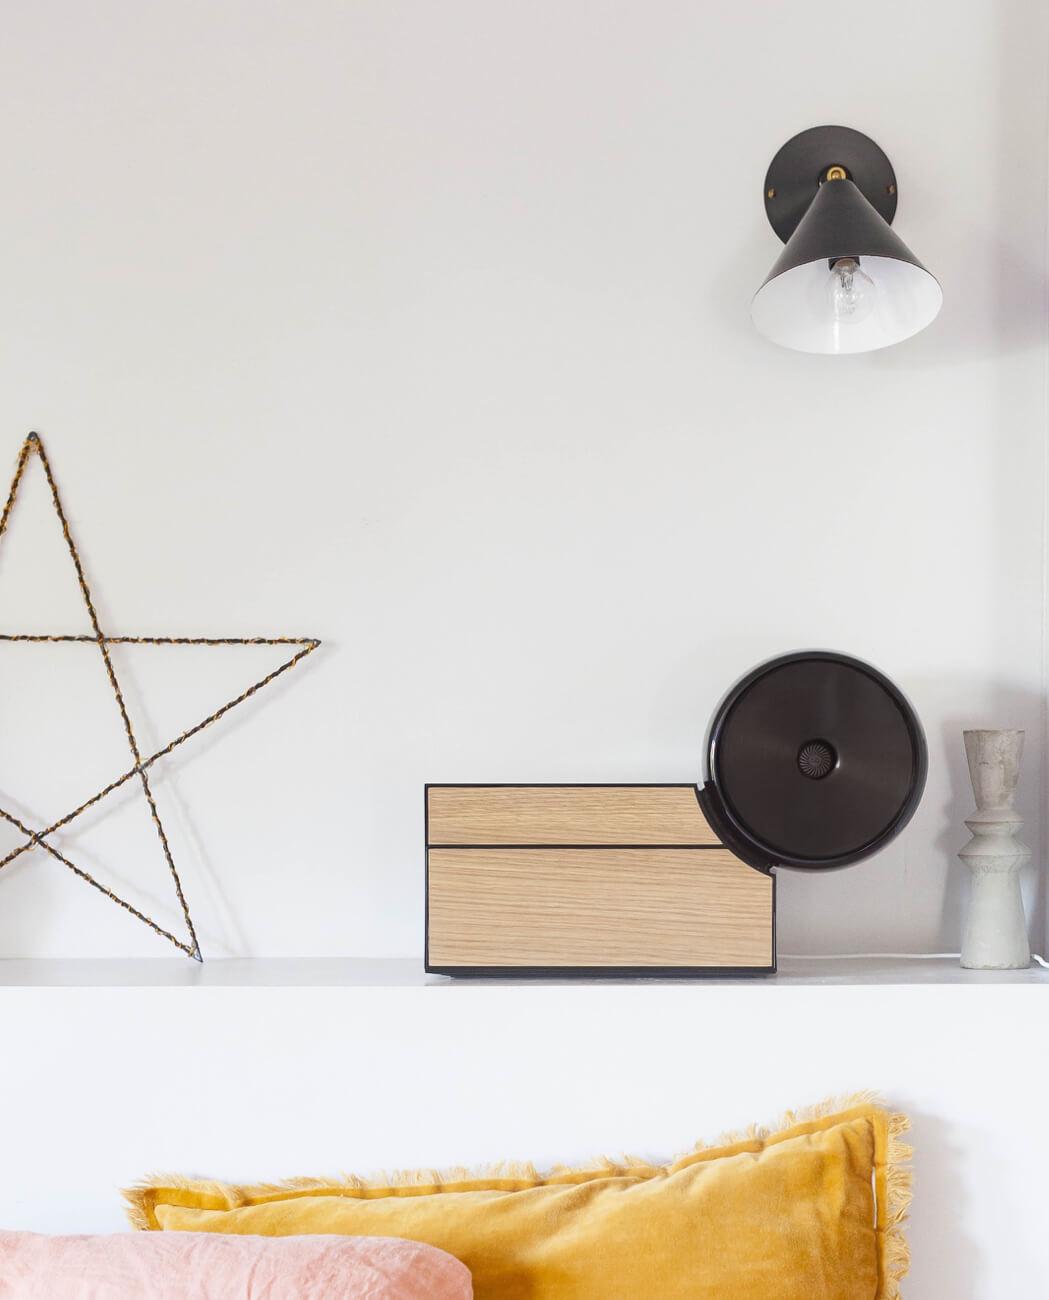 Compoz Compositeur noir bois naturel chene miel parfum ambiance bien être decoration interieur lifestyle objet connecte innovation production francaise